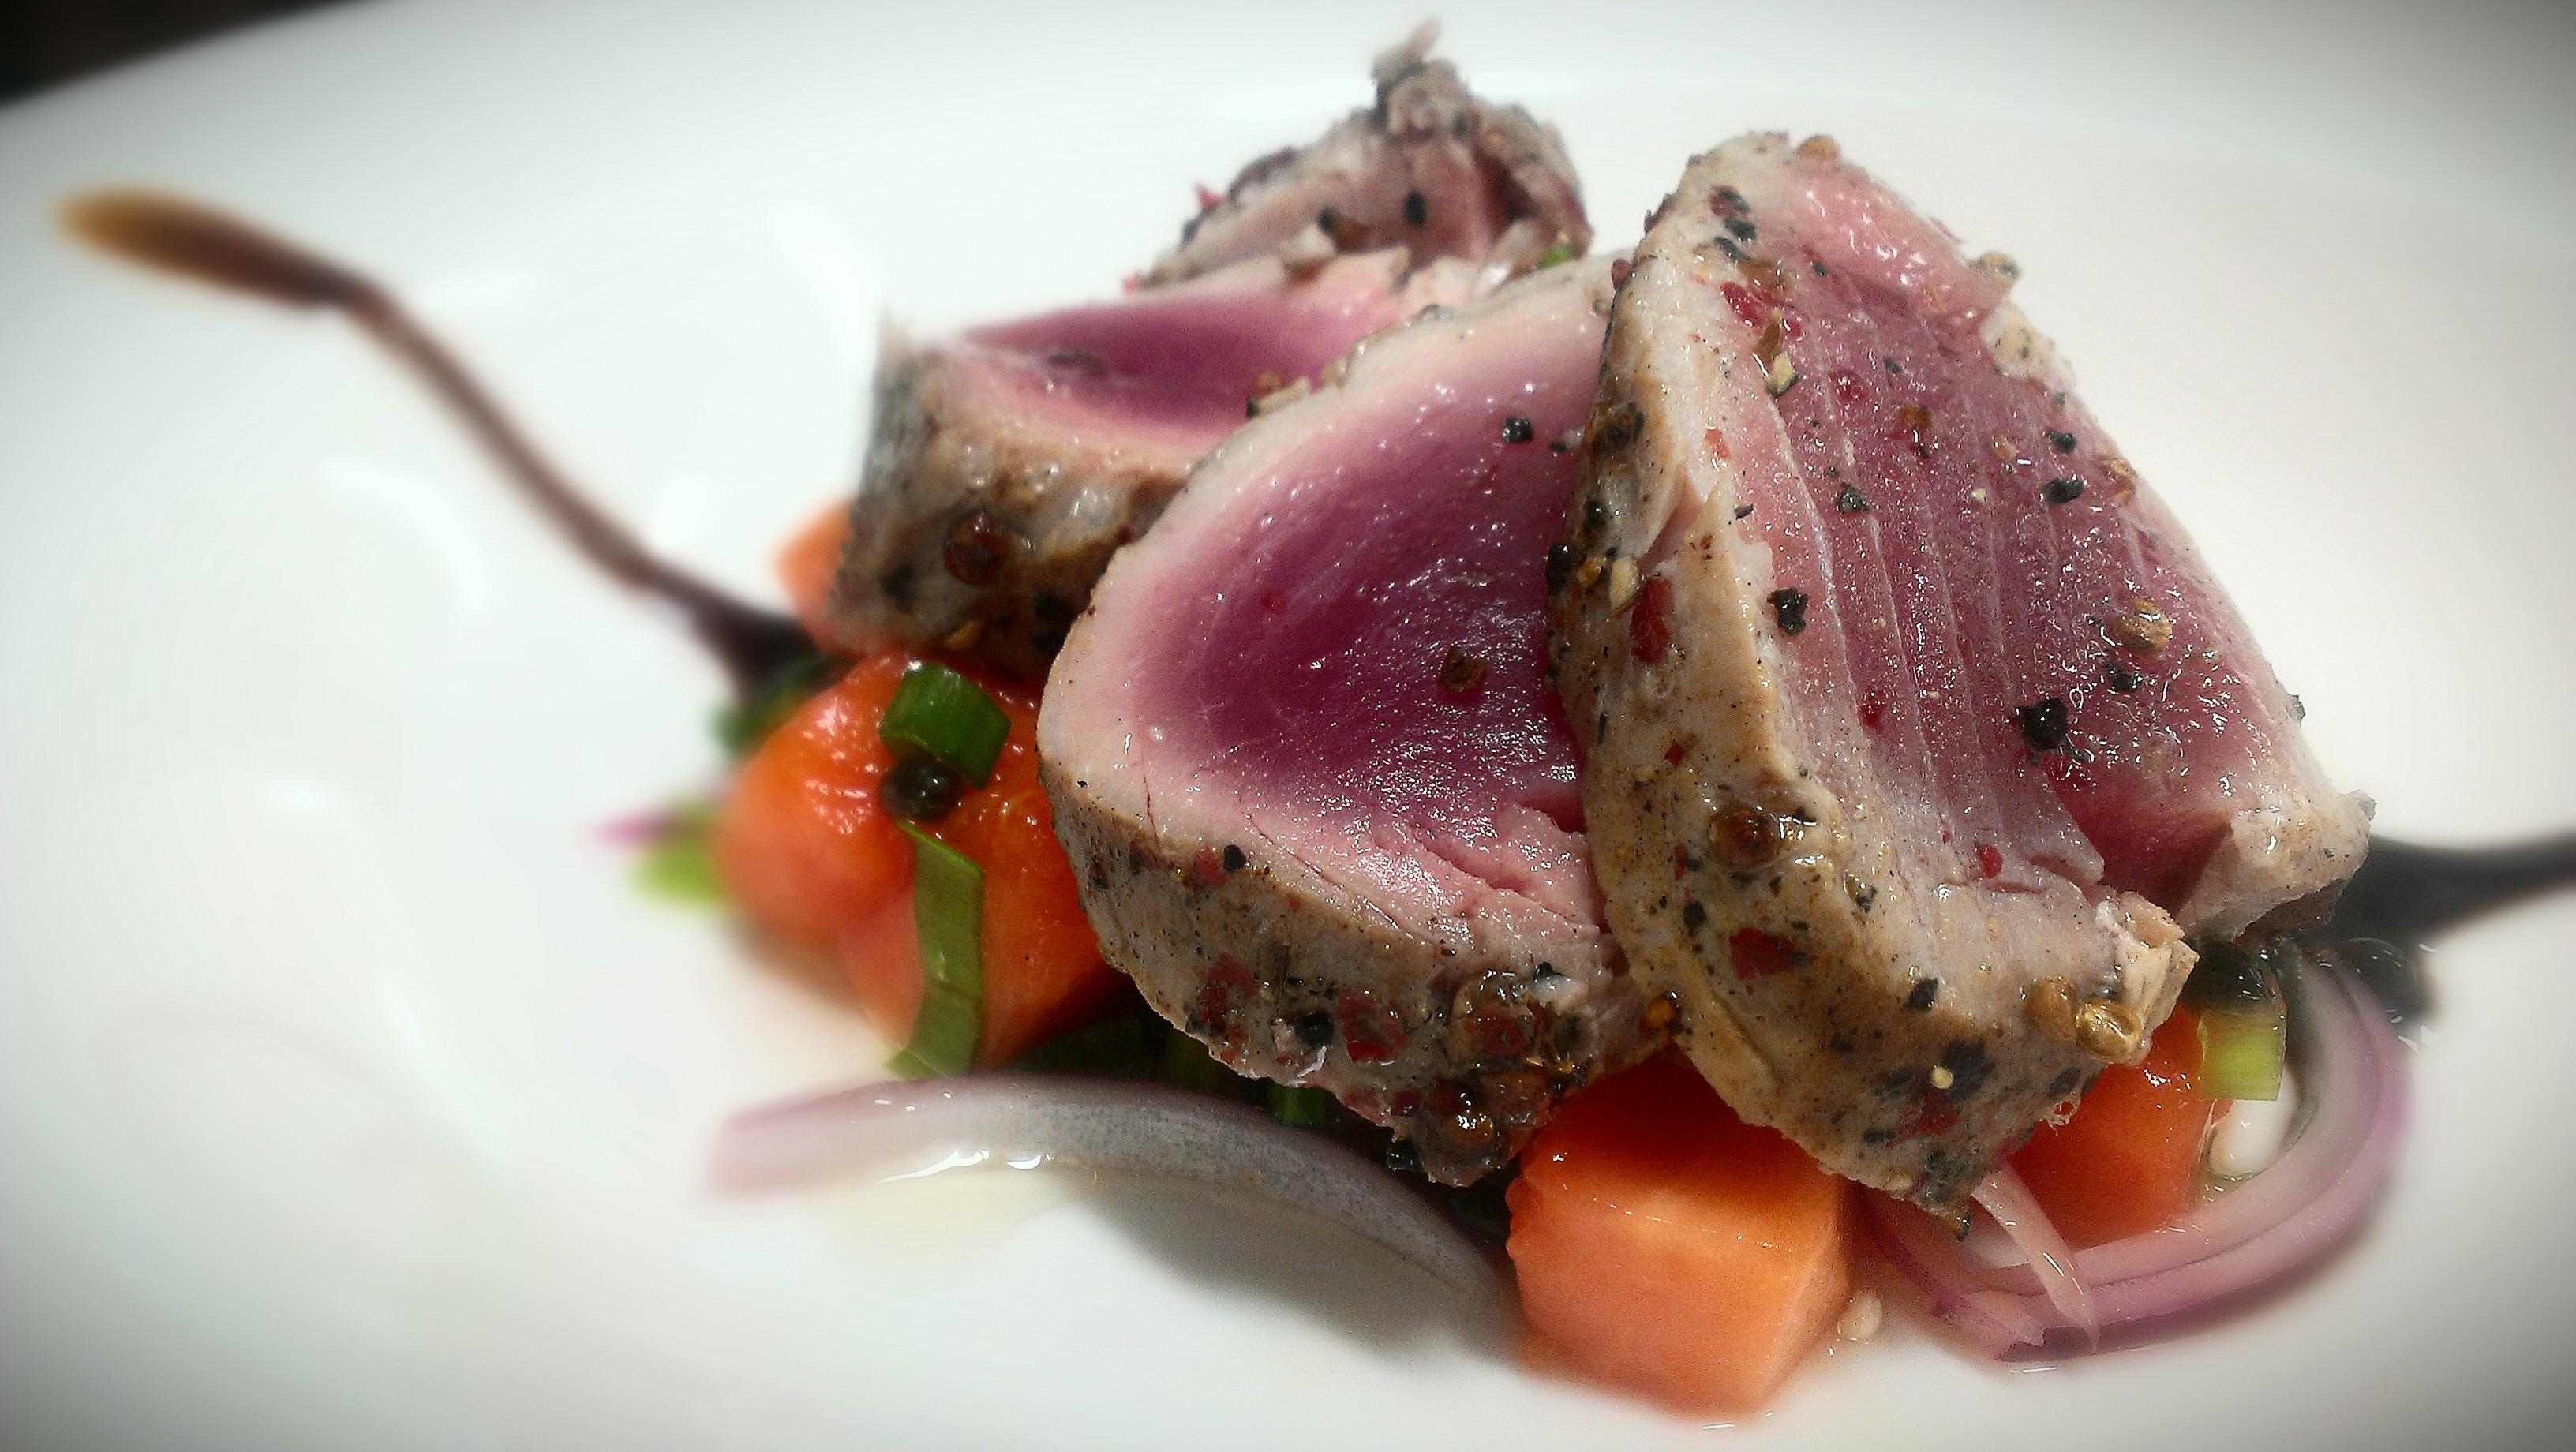 Tuna filet